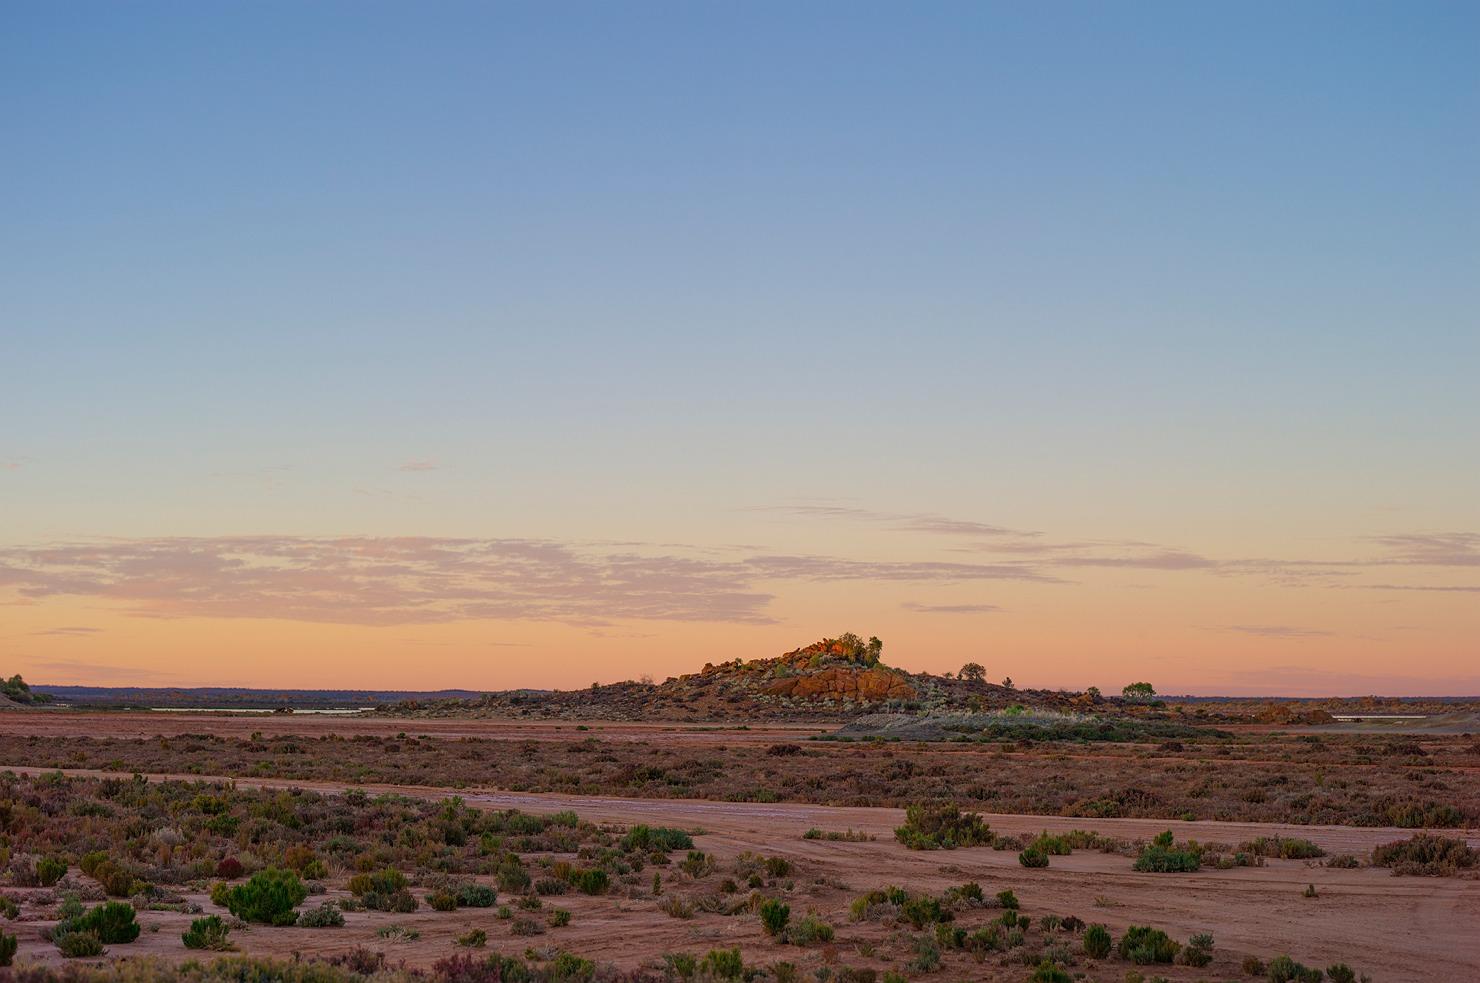 18_kalgoorlie_landscape_sunset